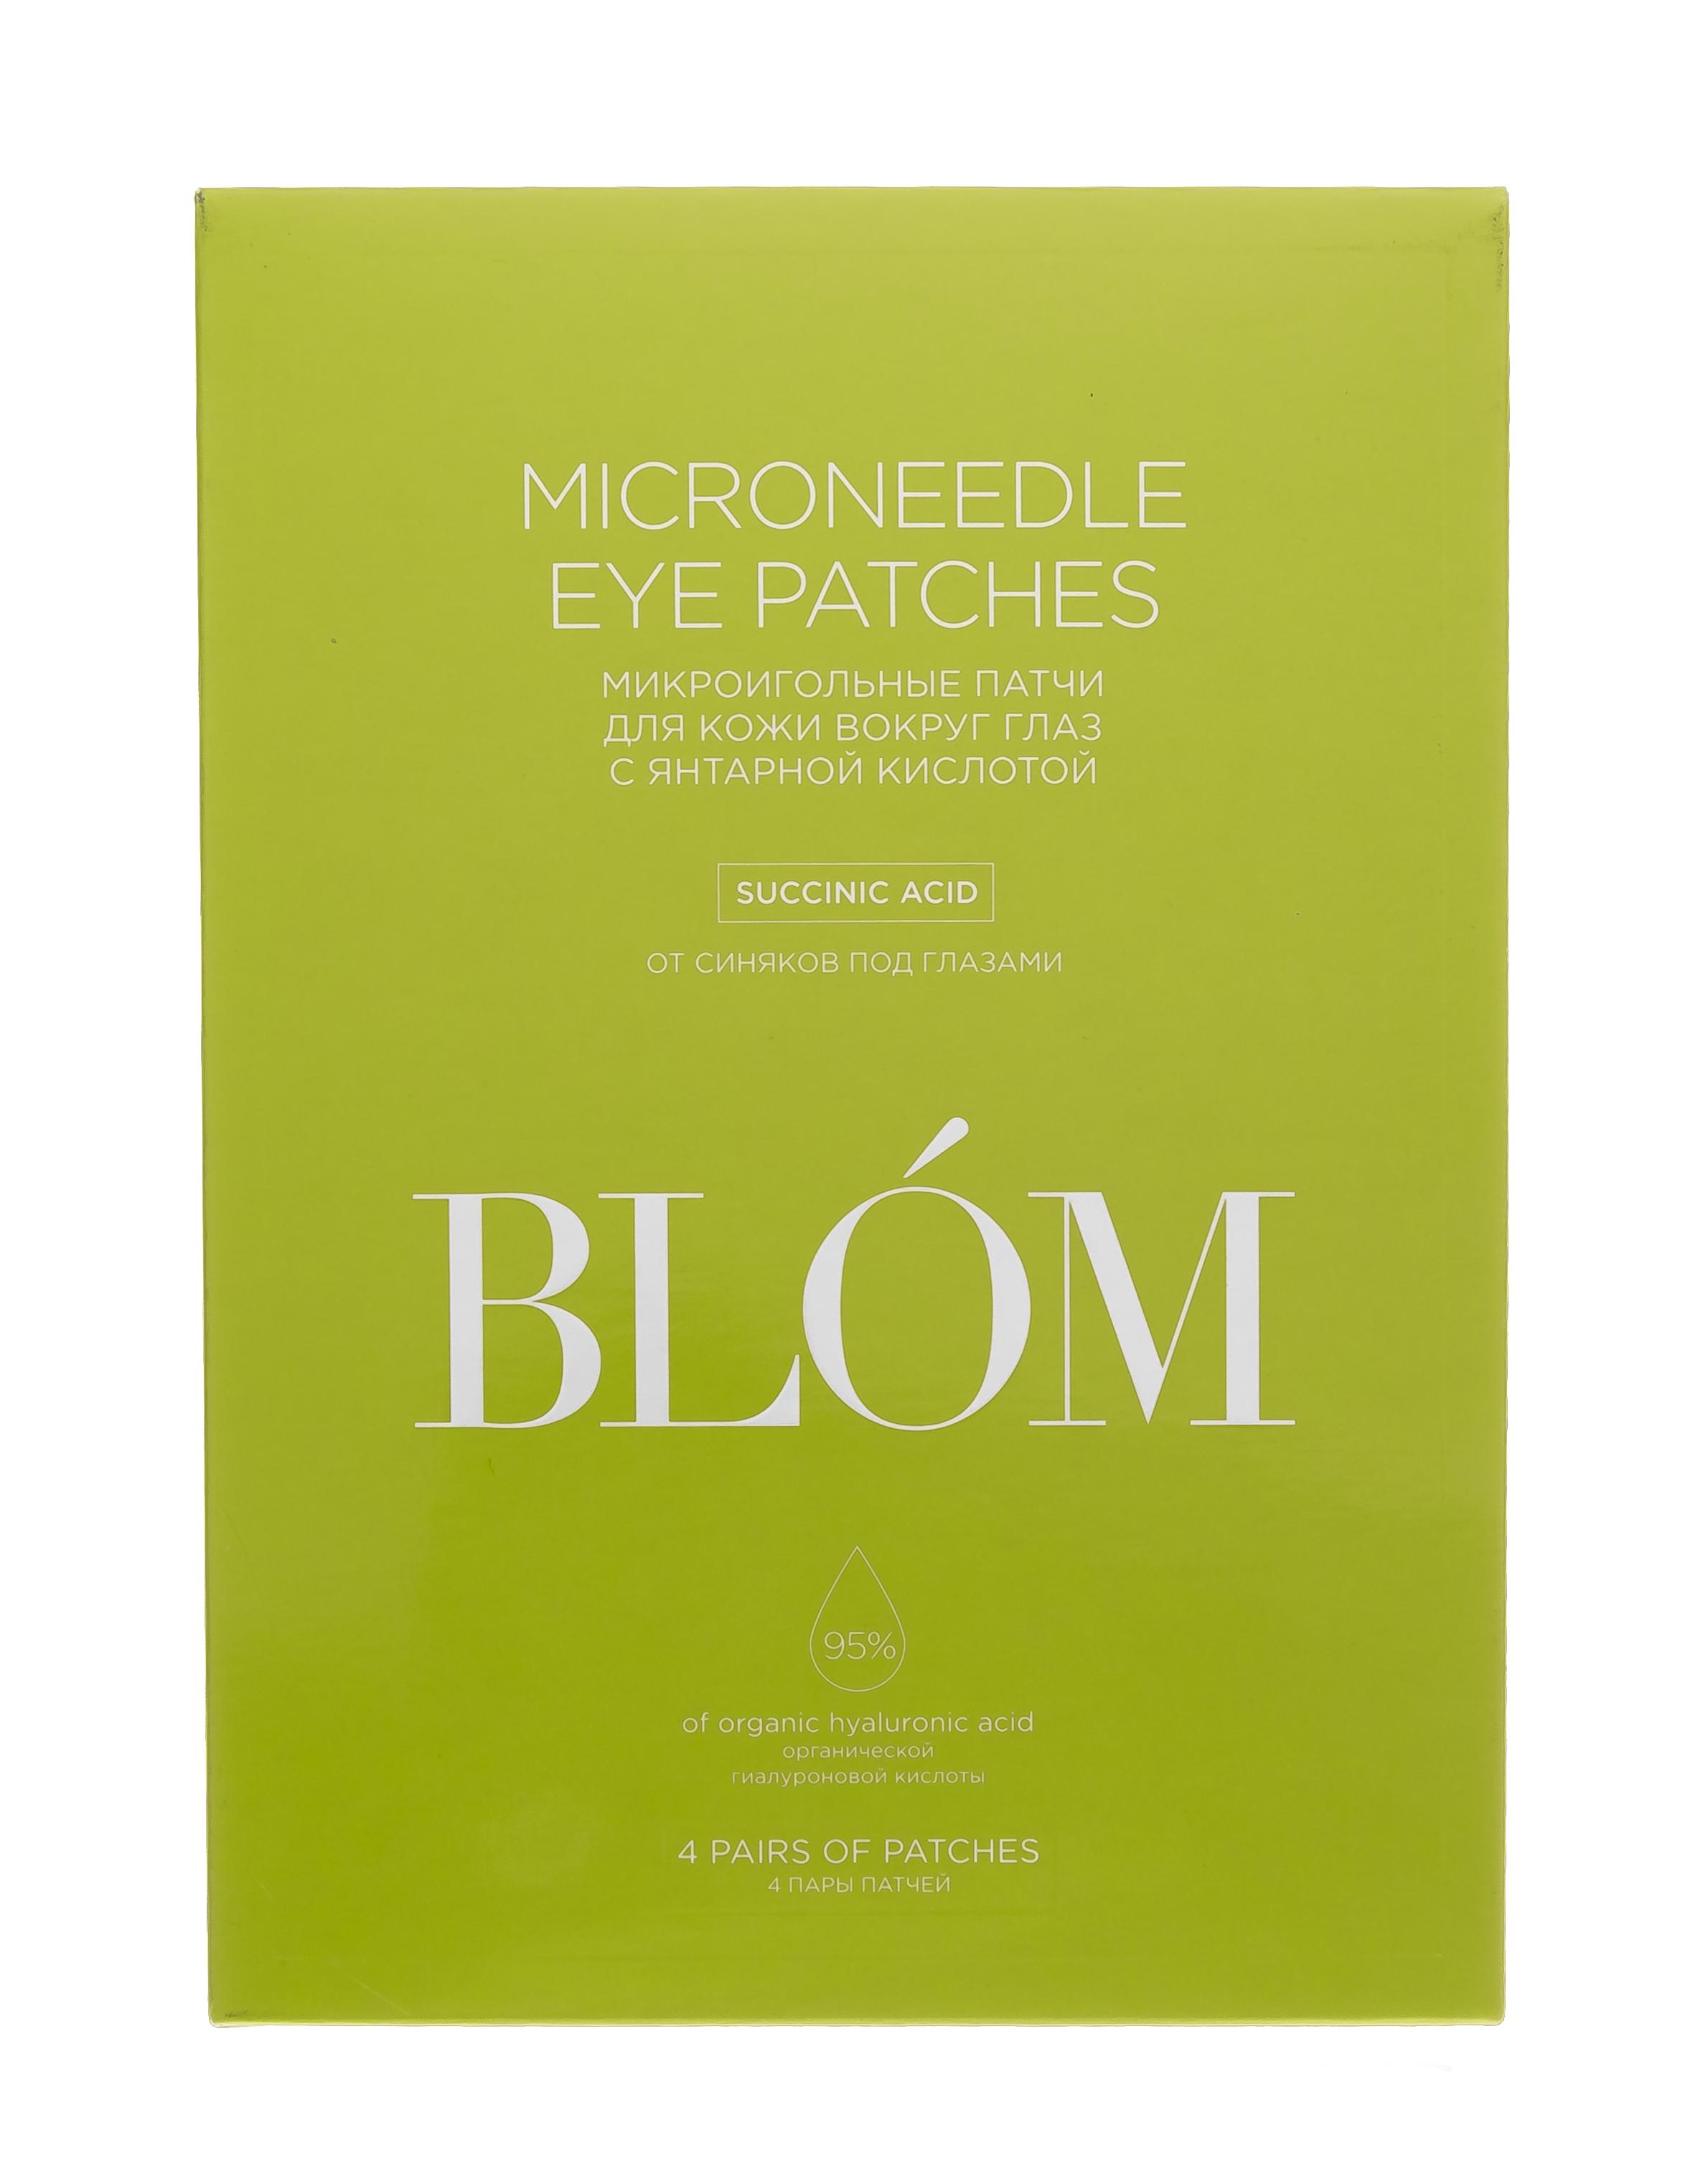 blom микроигольные патчи с янтарной кислотой от синяков под глазами 8 шт Blom Патчи 4 пары Янтарная кислота (Blom, Микроигольные патчи)